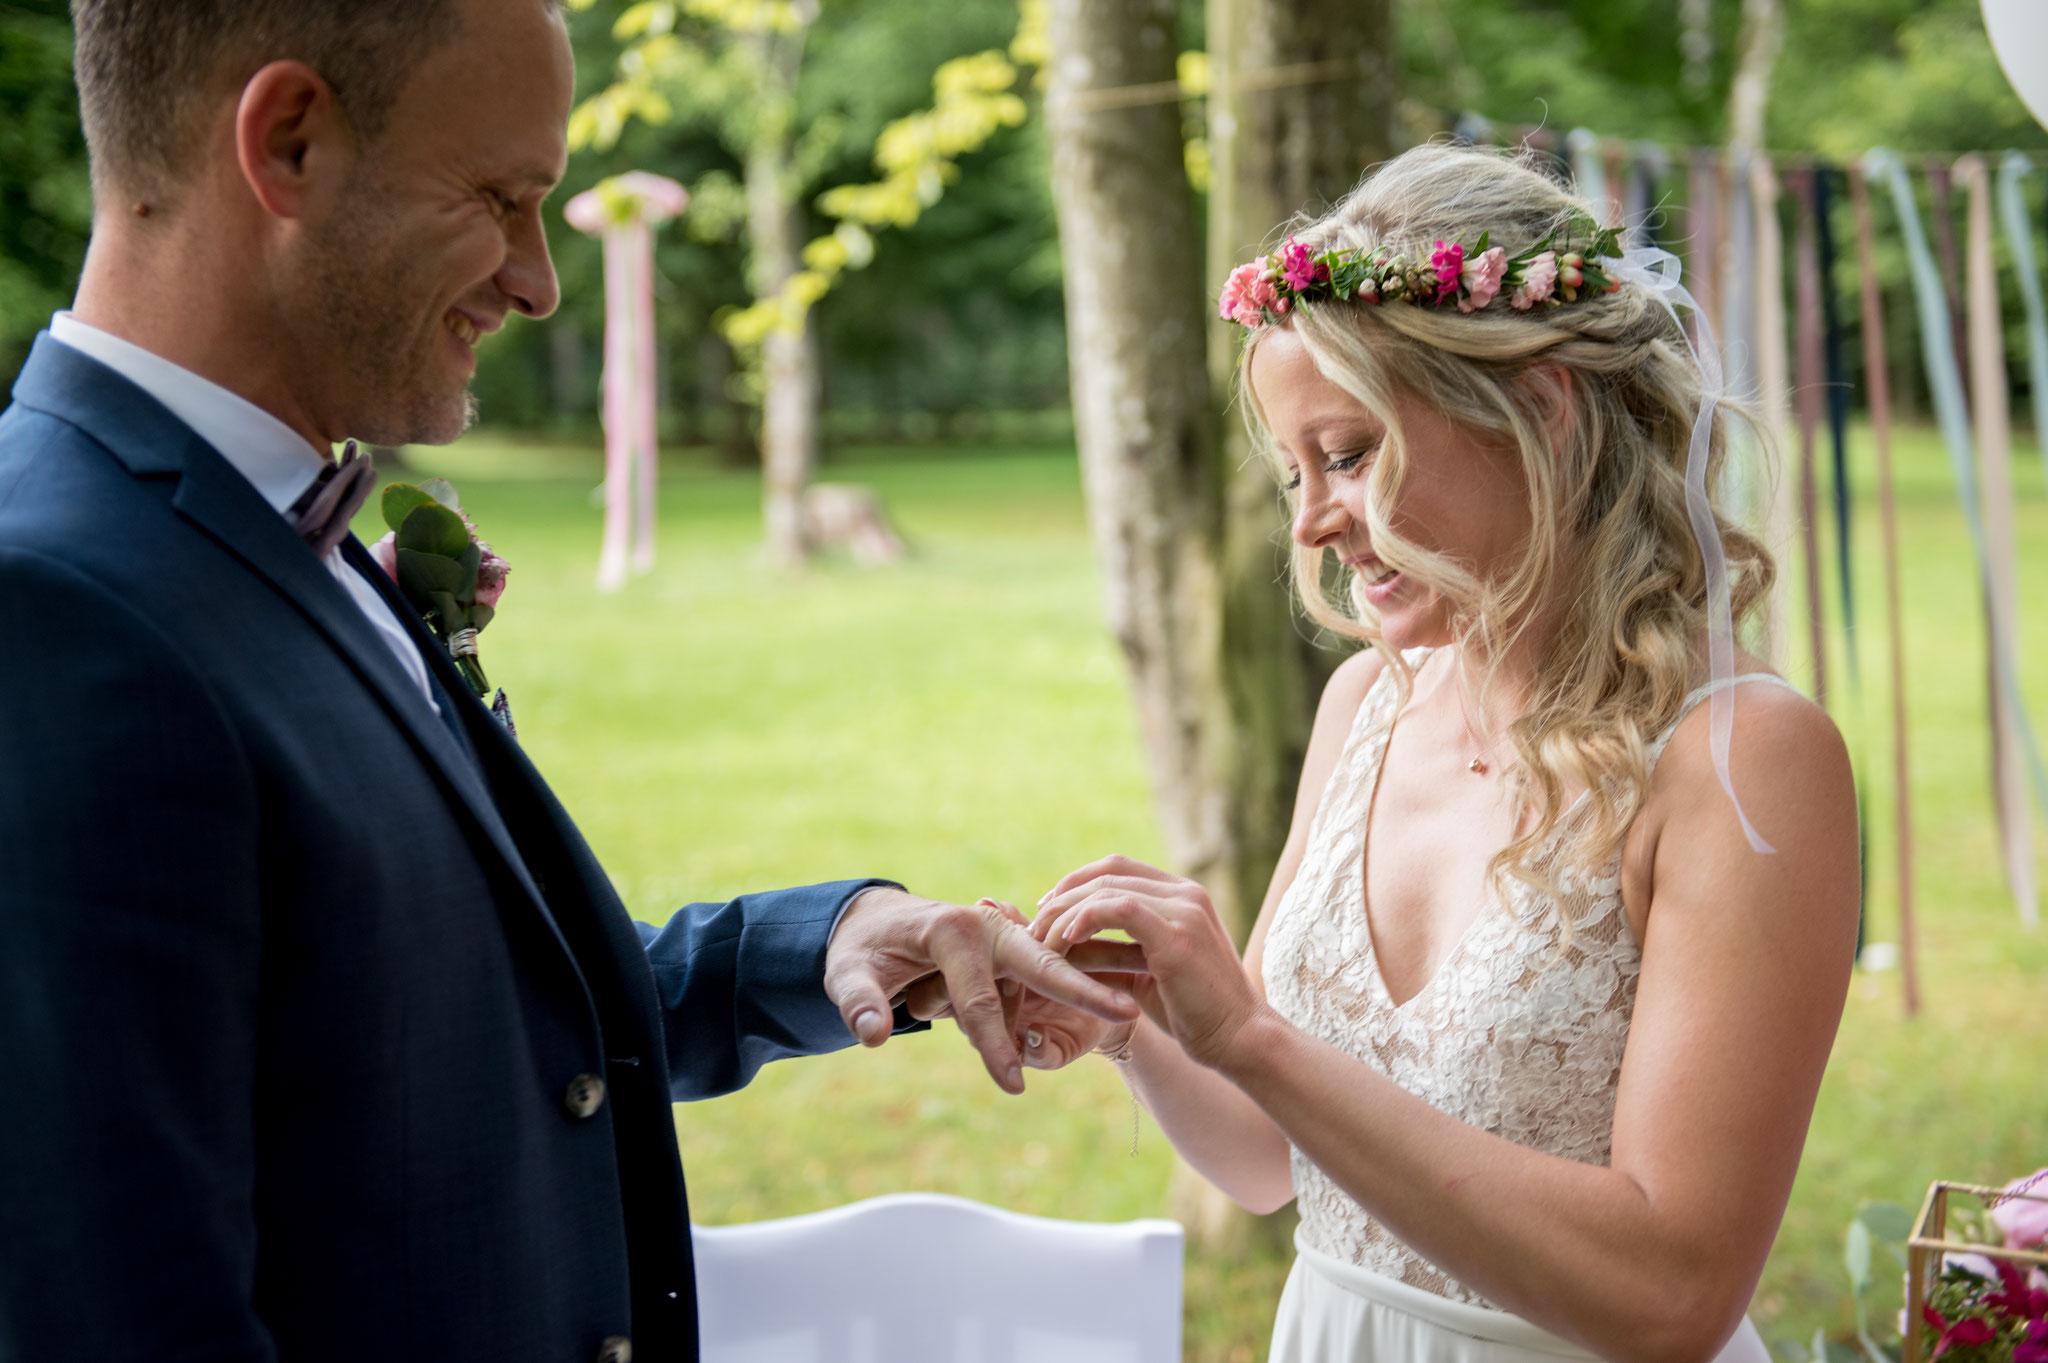 Der Ringwechsel - auch bei einer freien Trauzeremonie ein klassisches Symbol der Verbundenheit (Foto: Gabor Szeiler)